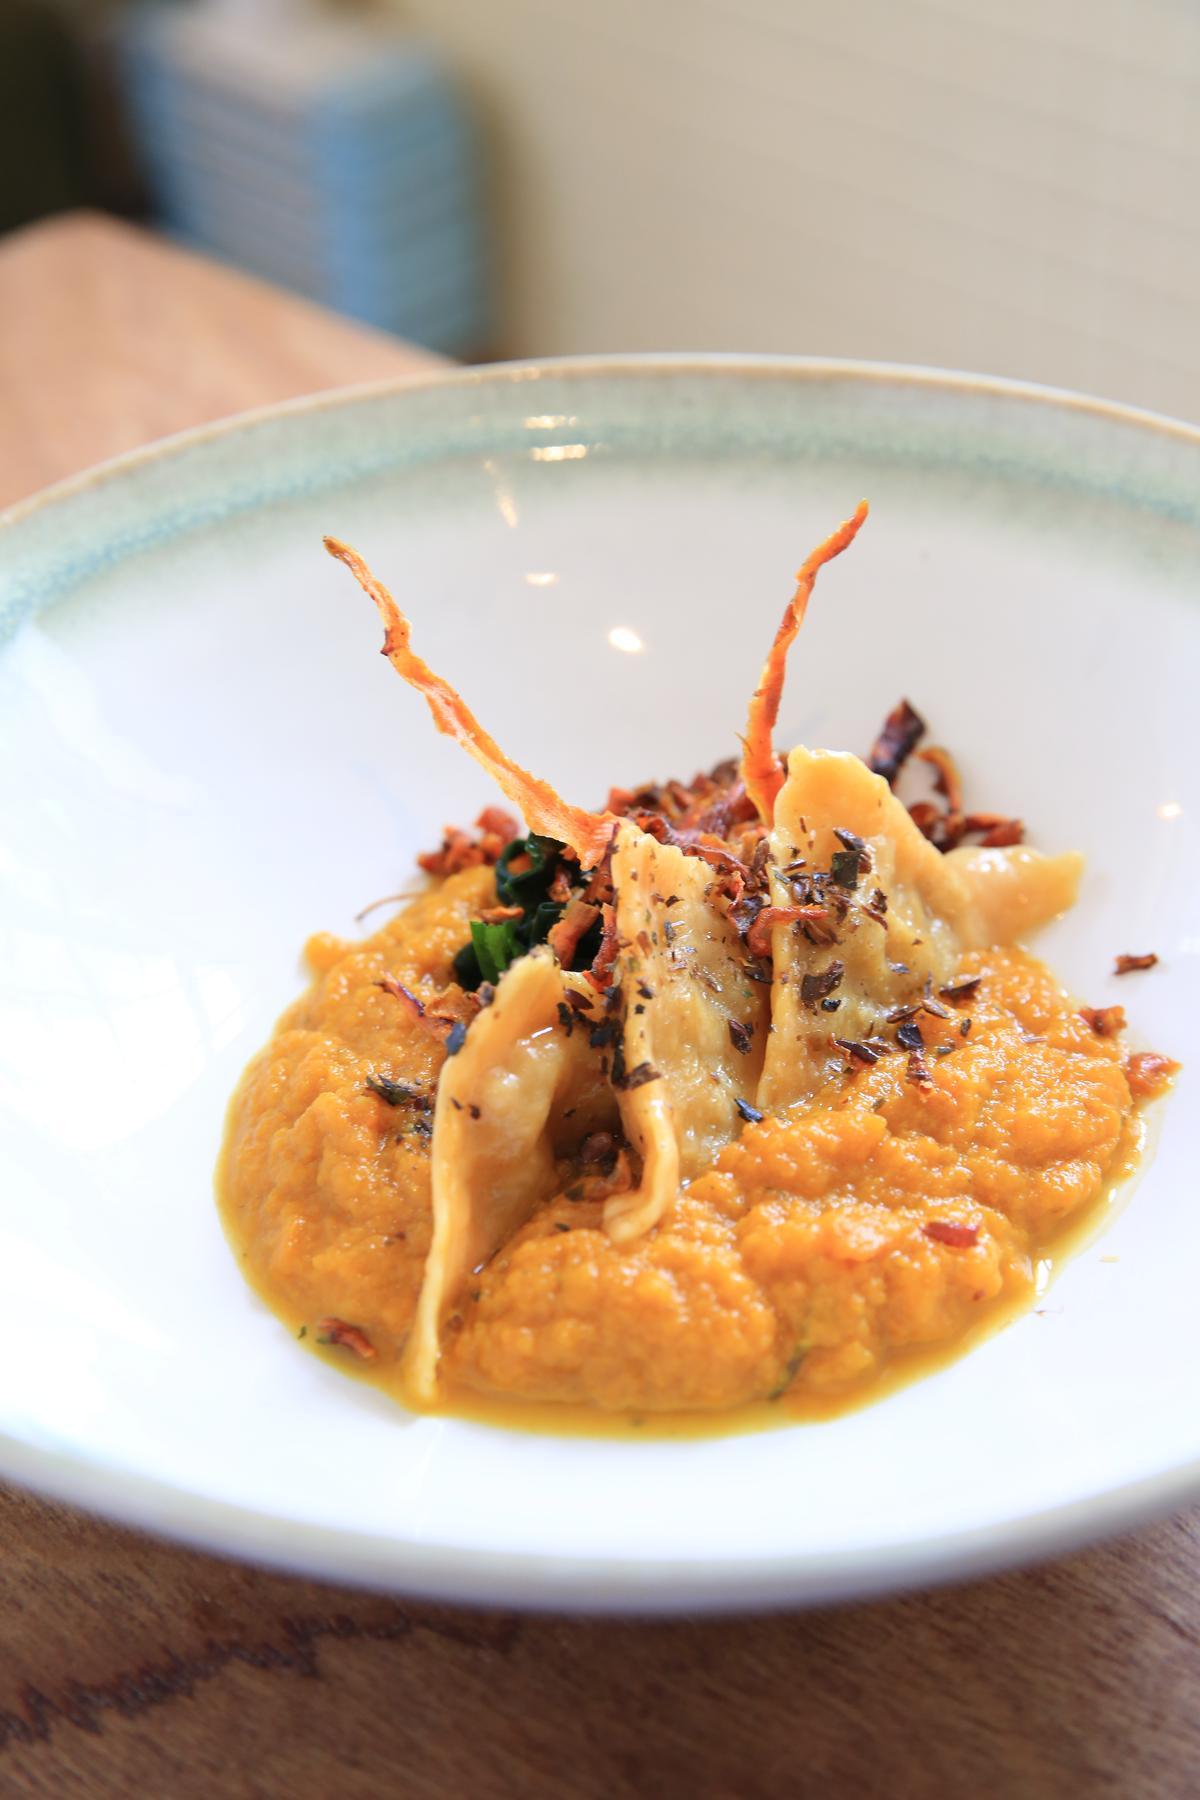 西式手工餃淋上以紅蘿蔔、柳橙、茄子、番茄泥醬,再綴以海帶芽,上頭還插了兩根假裝是培根的紅蘿蔔脆片。